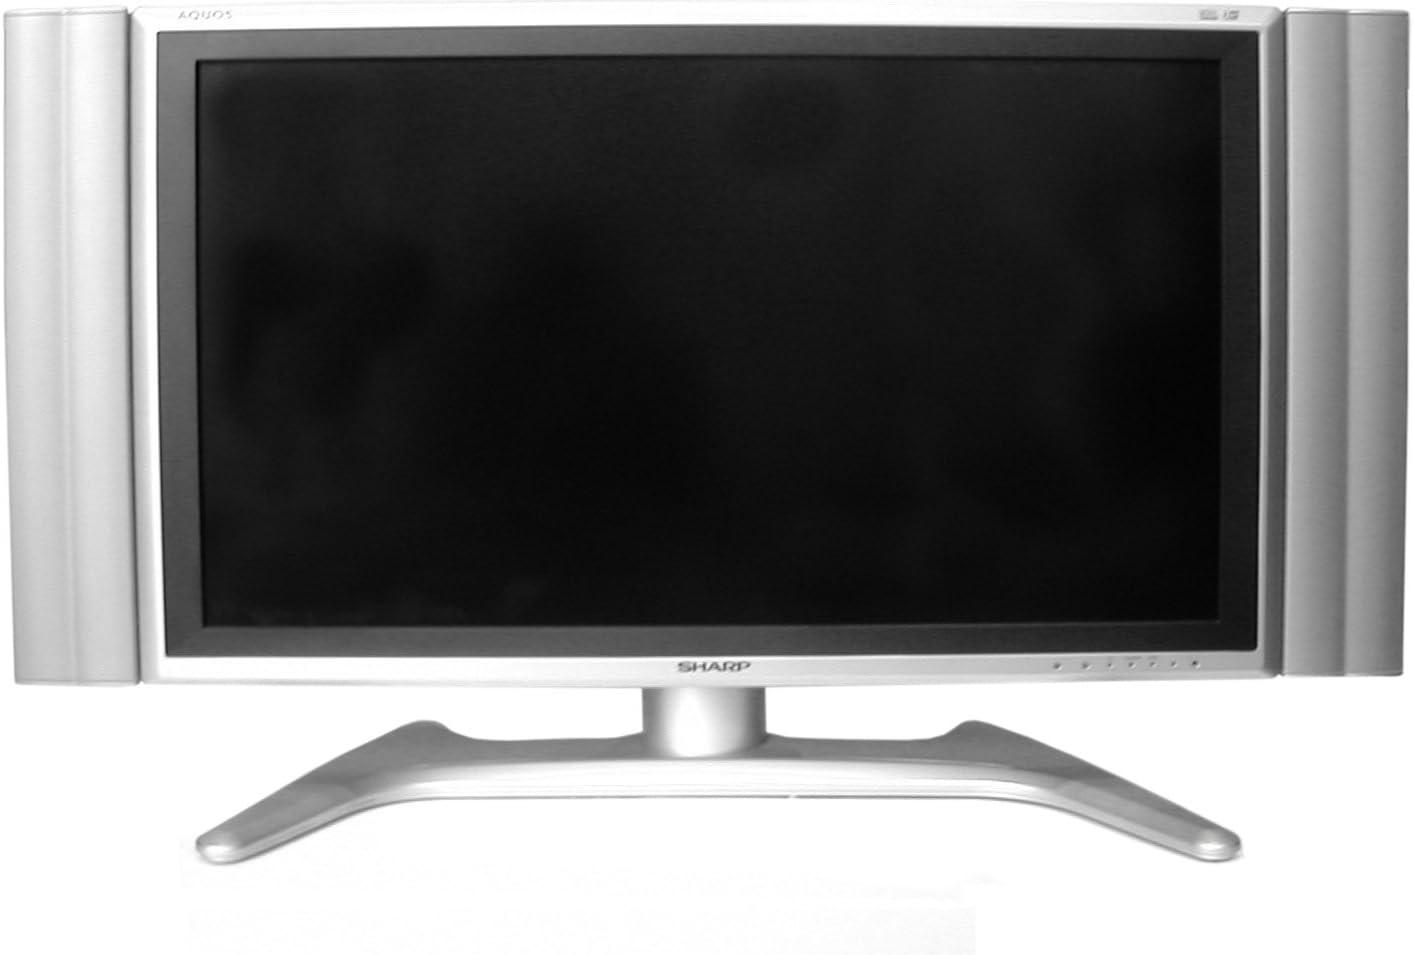 Sharp LC 32 GA 4 E - Televisión, Pantalla LCD 32 pulgadas: Amazon.es: Electrónica